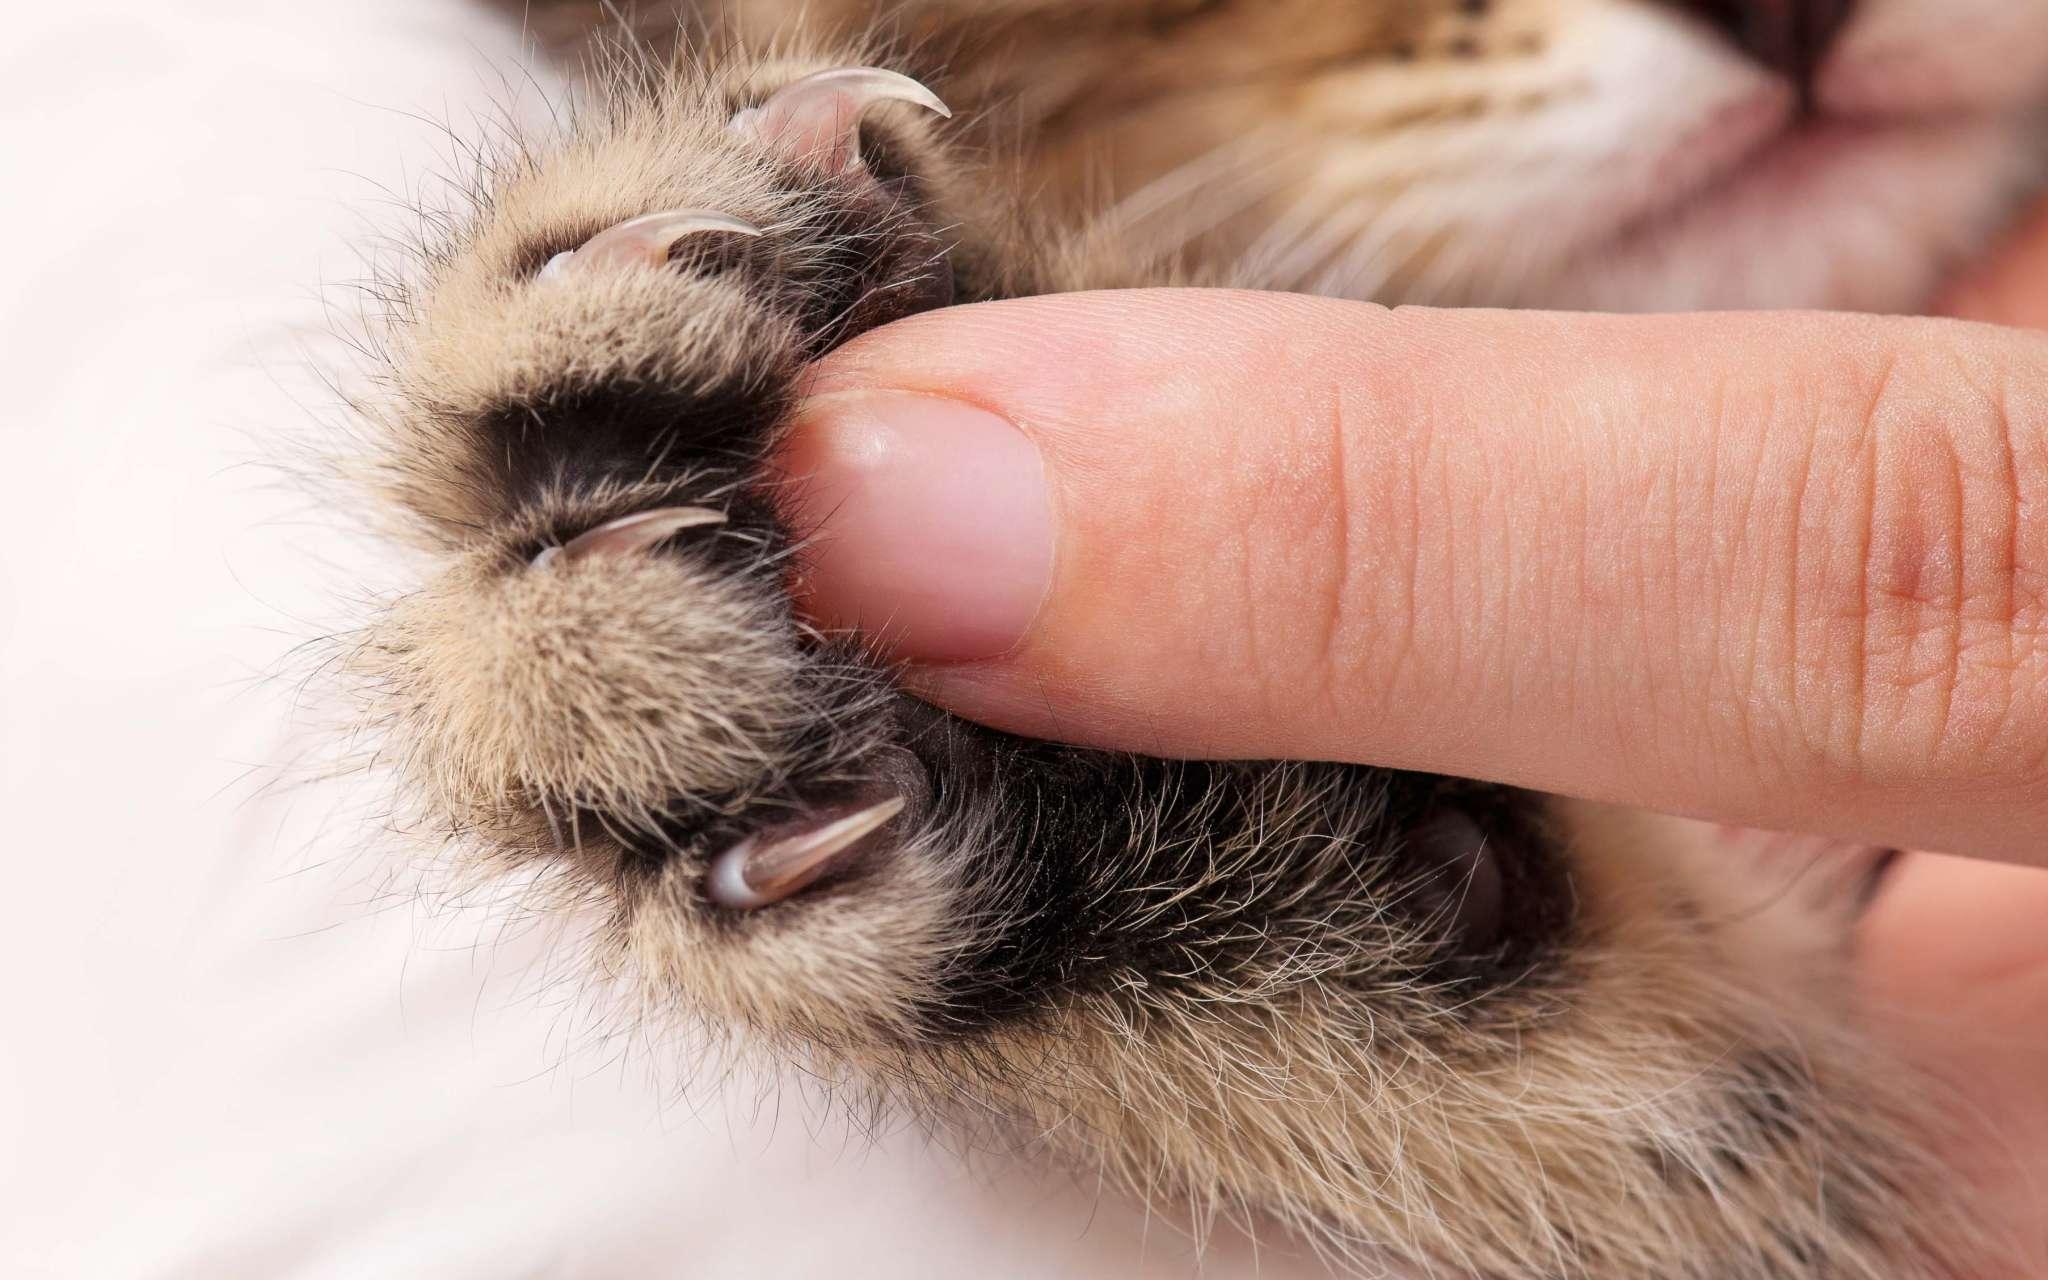 Faut il couper les griffes de son chat bulle bleue - Comment couper les griffes de son chat ...